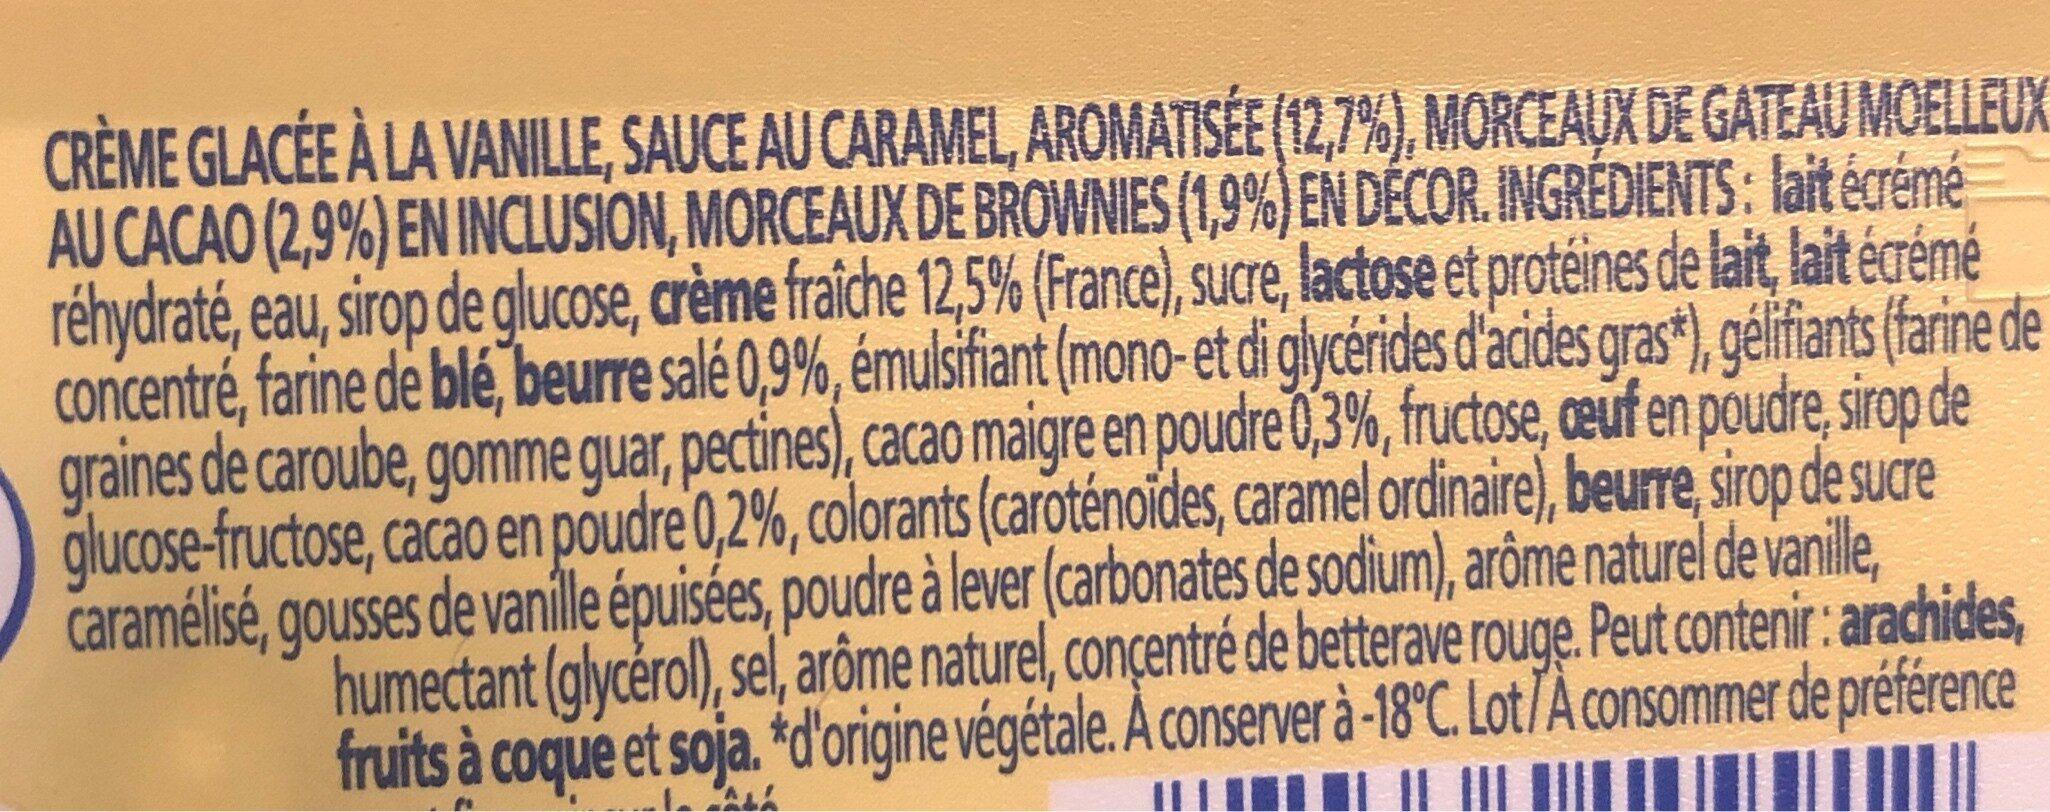 Crème glace vanille moelleux, sauce caramel - Ingrédients